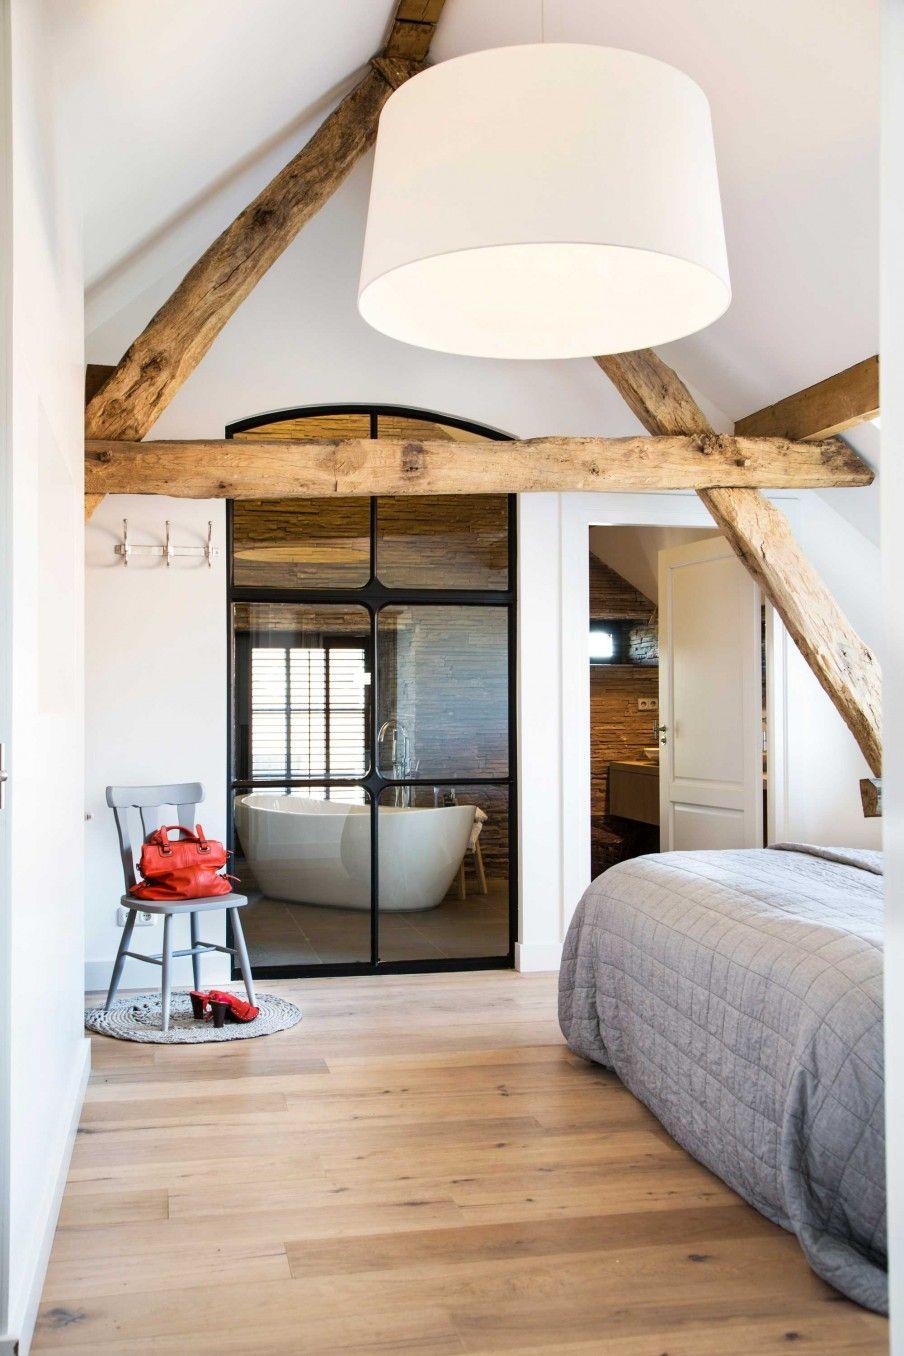 retour aux sources dans la ferme r nov e planete deco a homes world home pinterest ferme. Black Bedroom Furniture Sets. Home Design Ideas